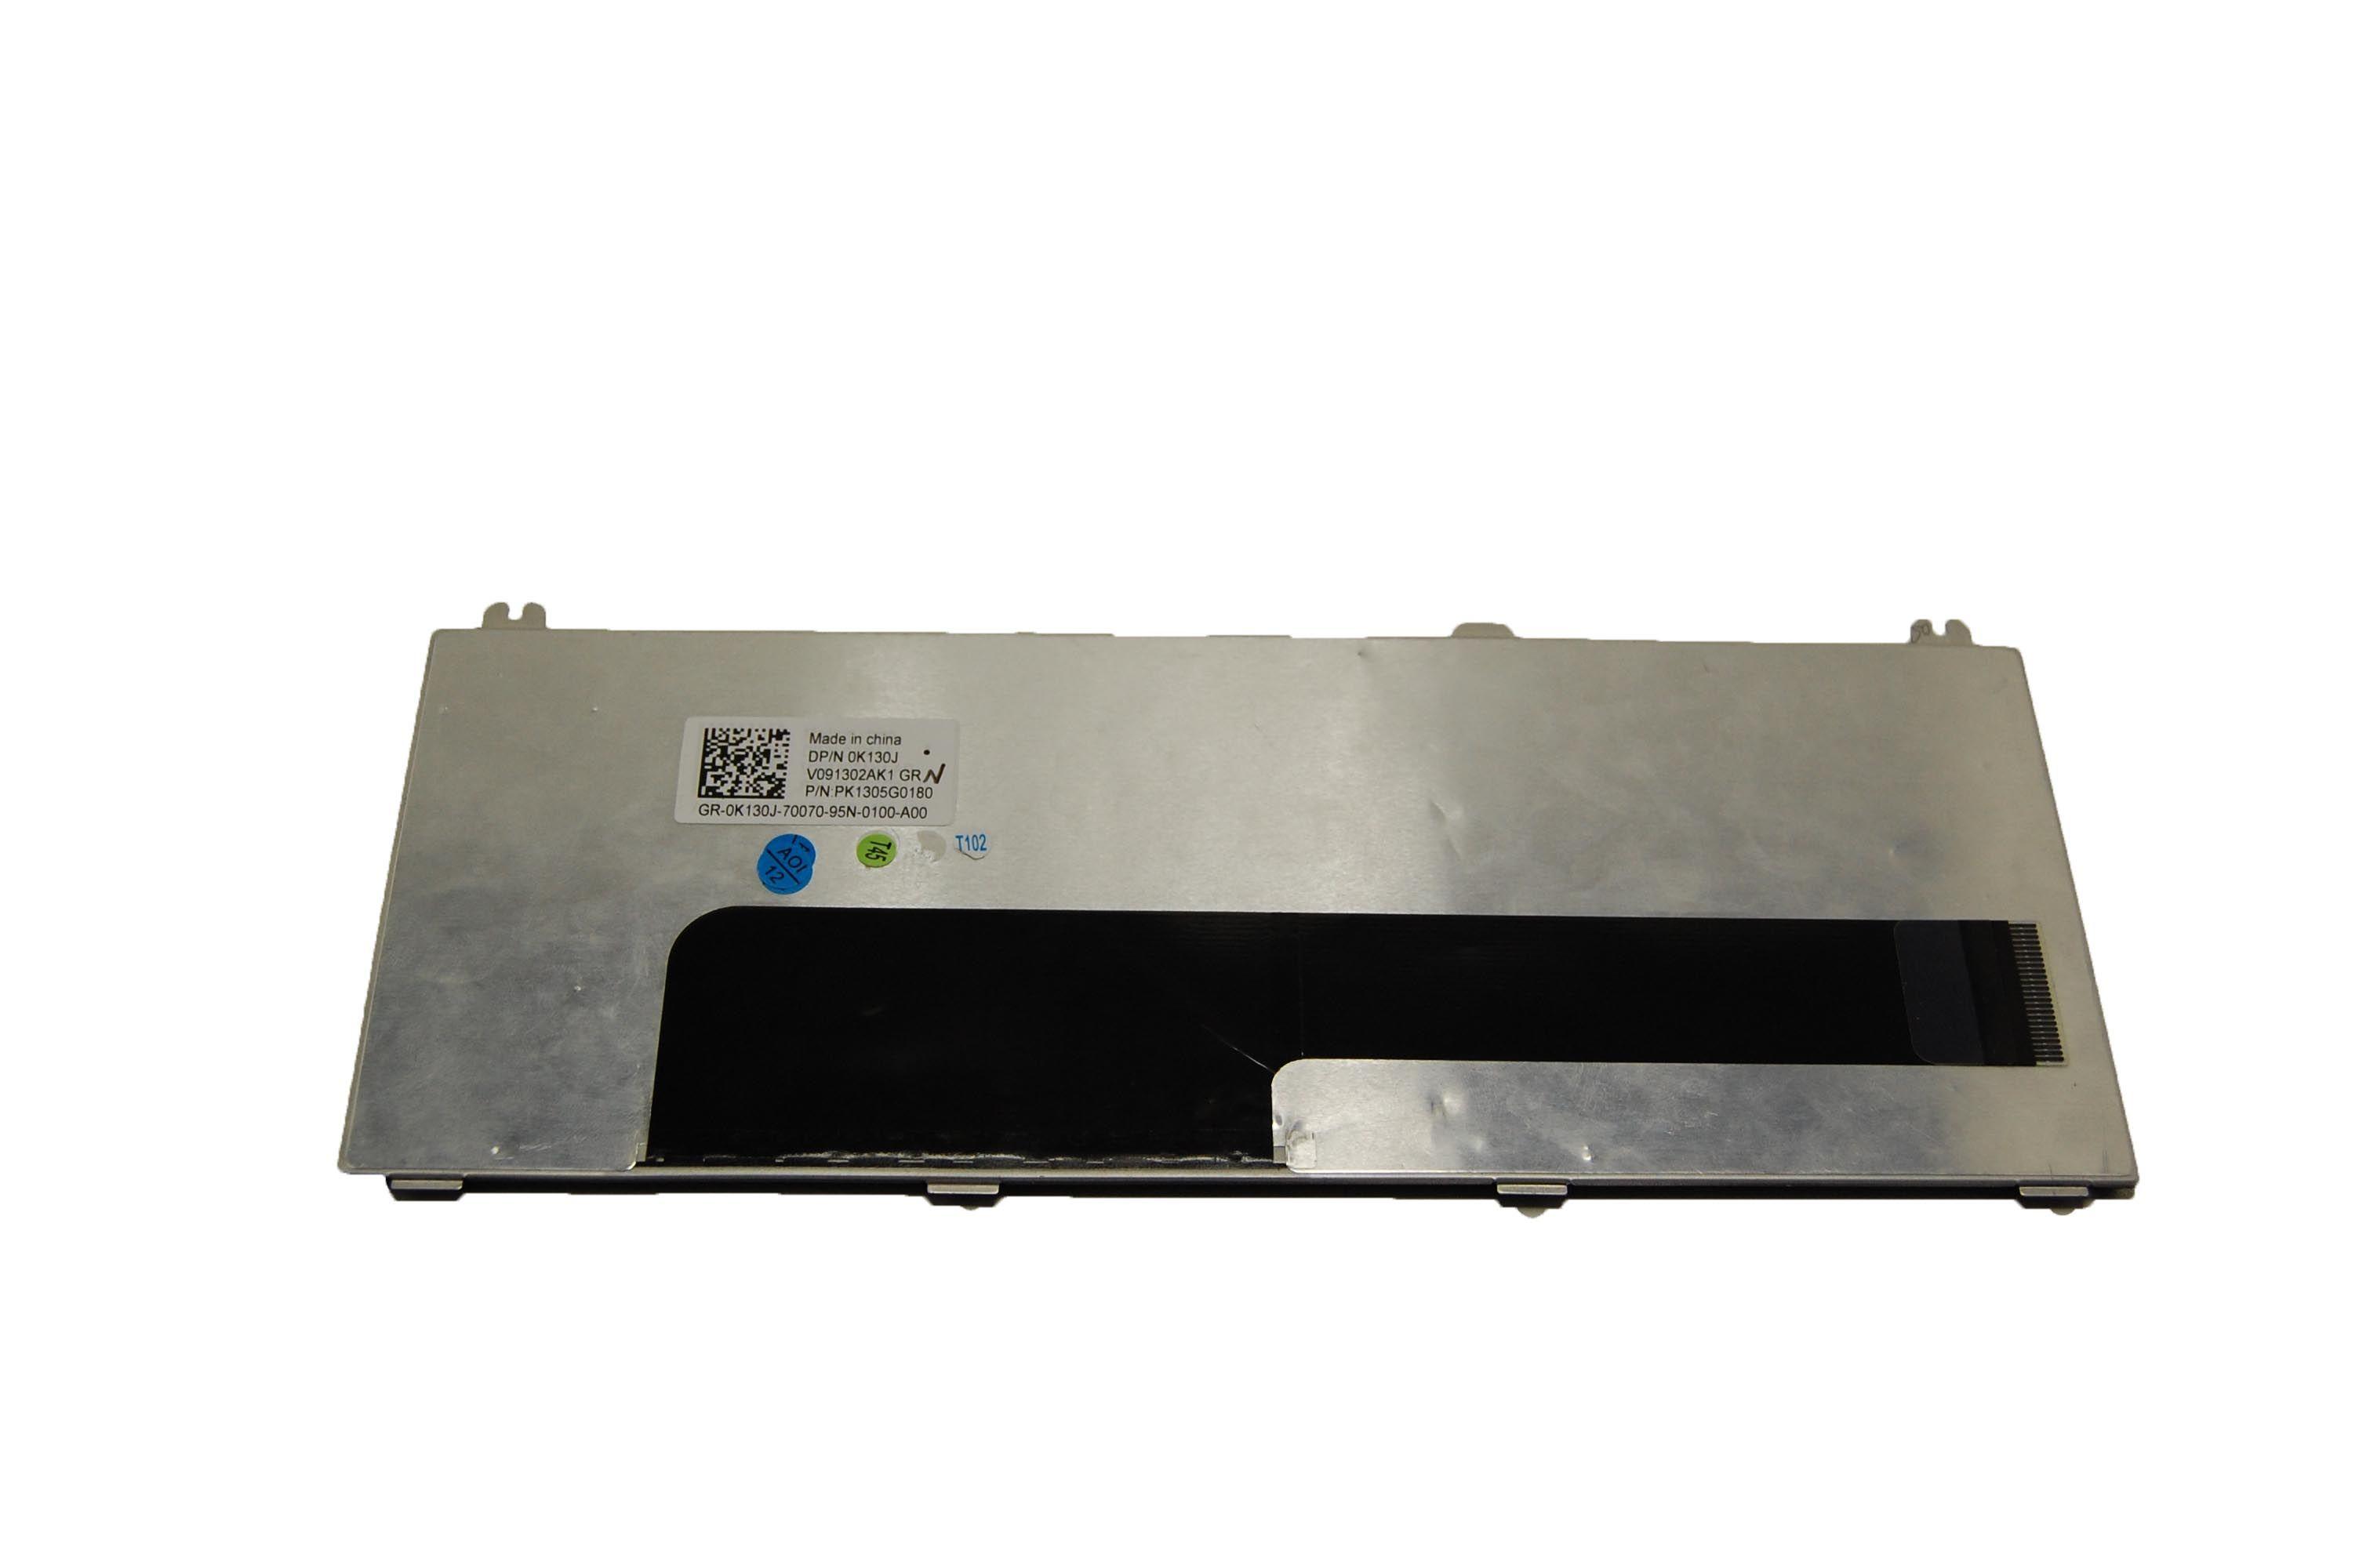 Tastatur V091302AK1 deutsch